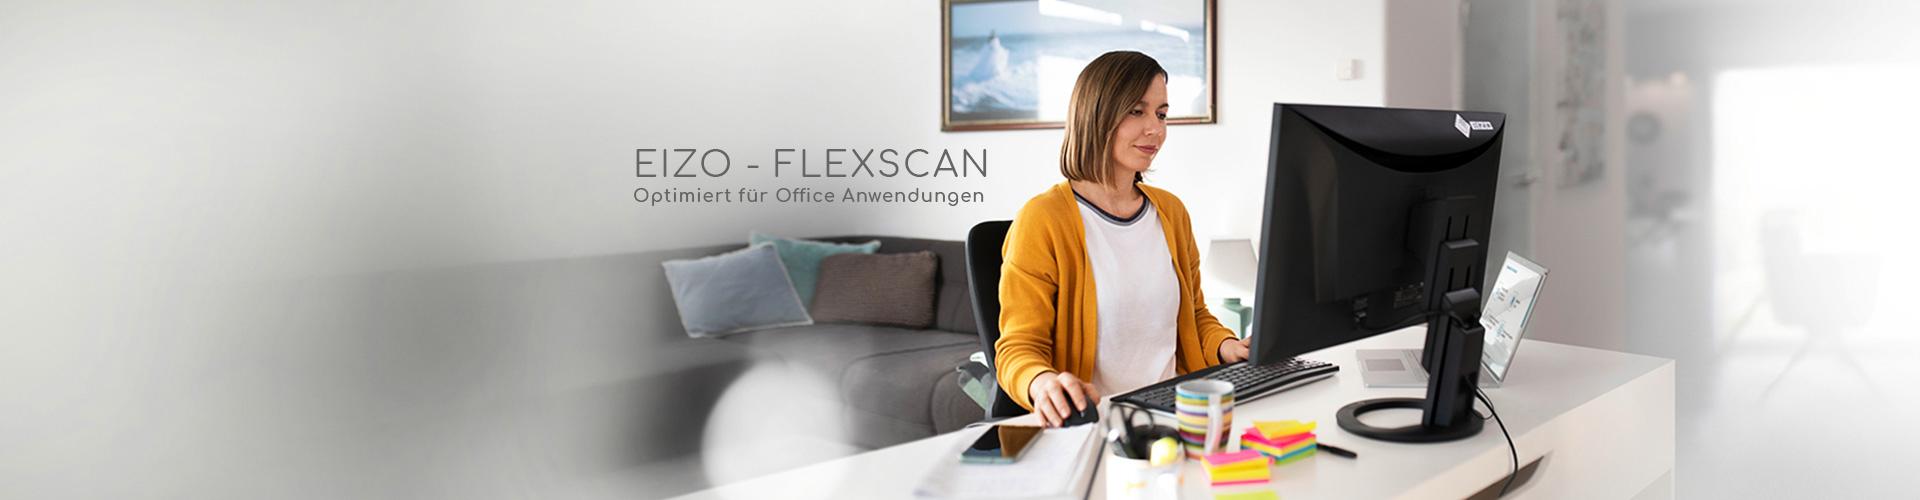 EIZO - FlexScan